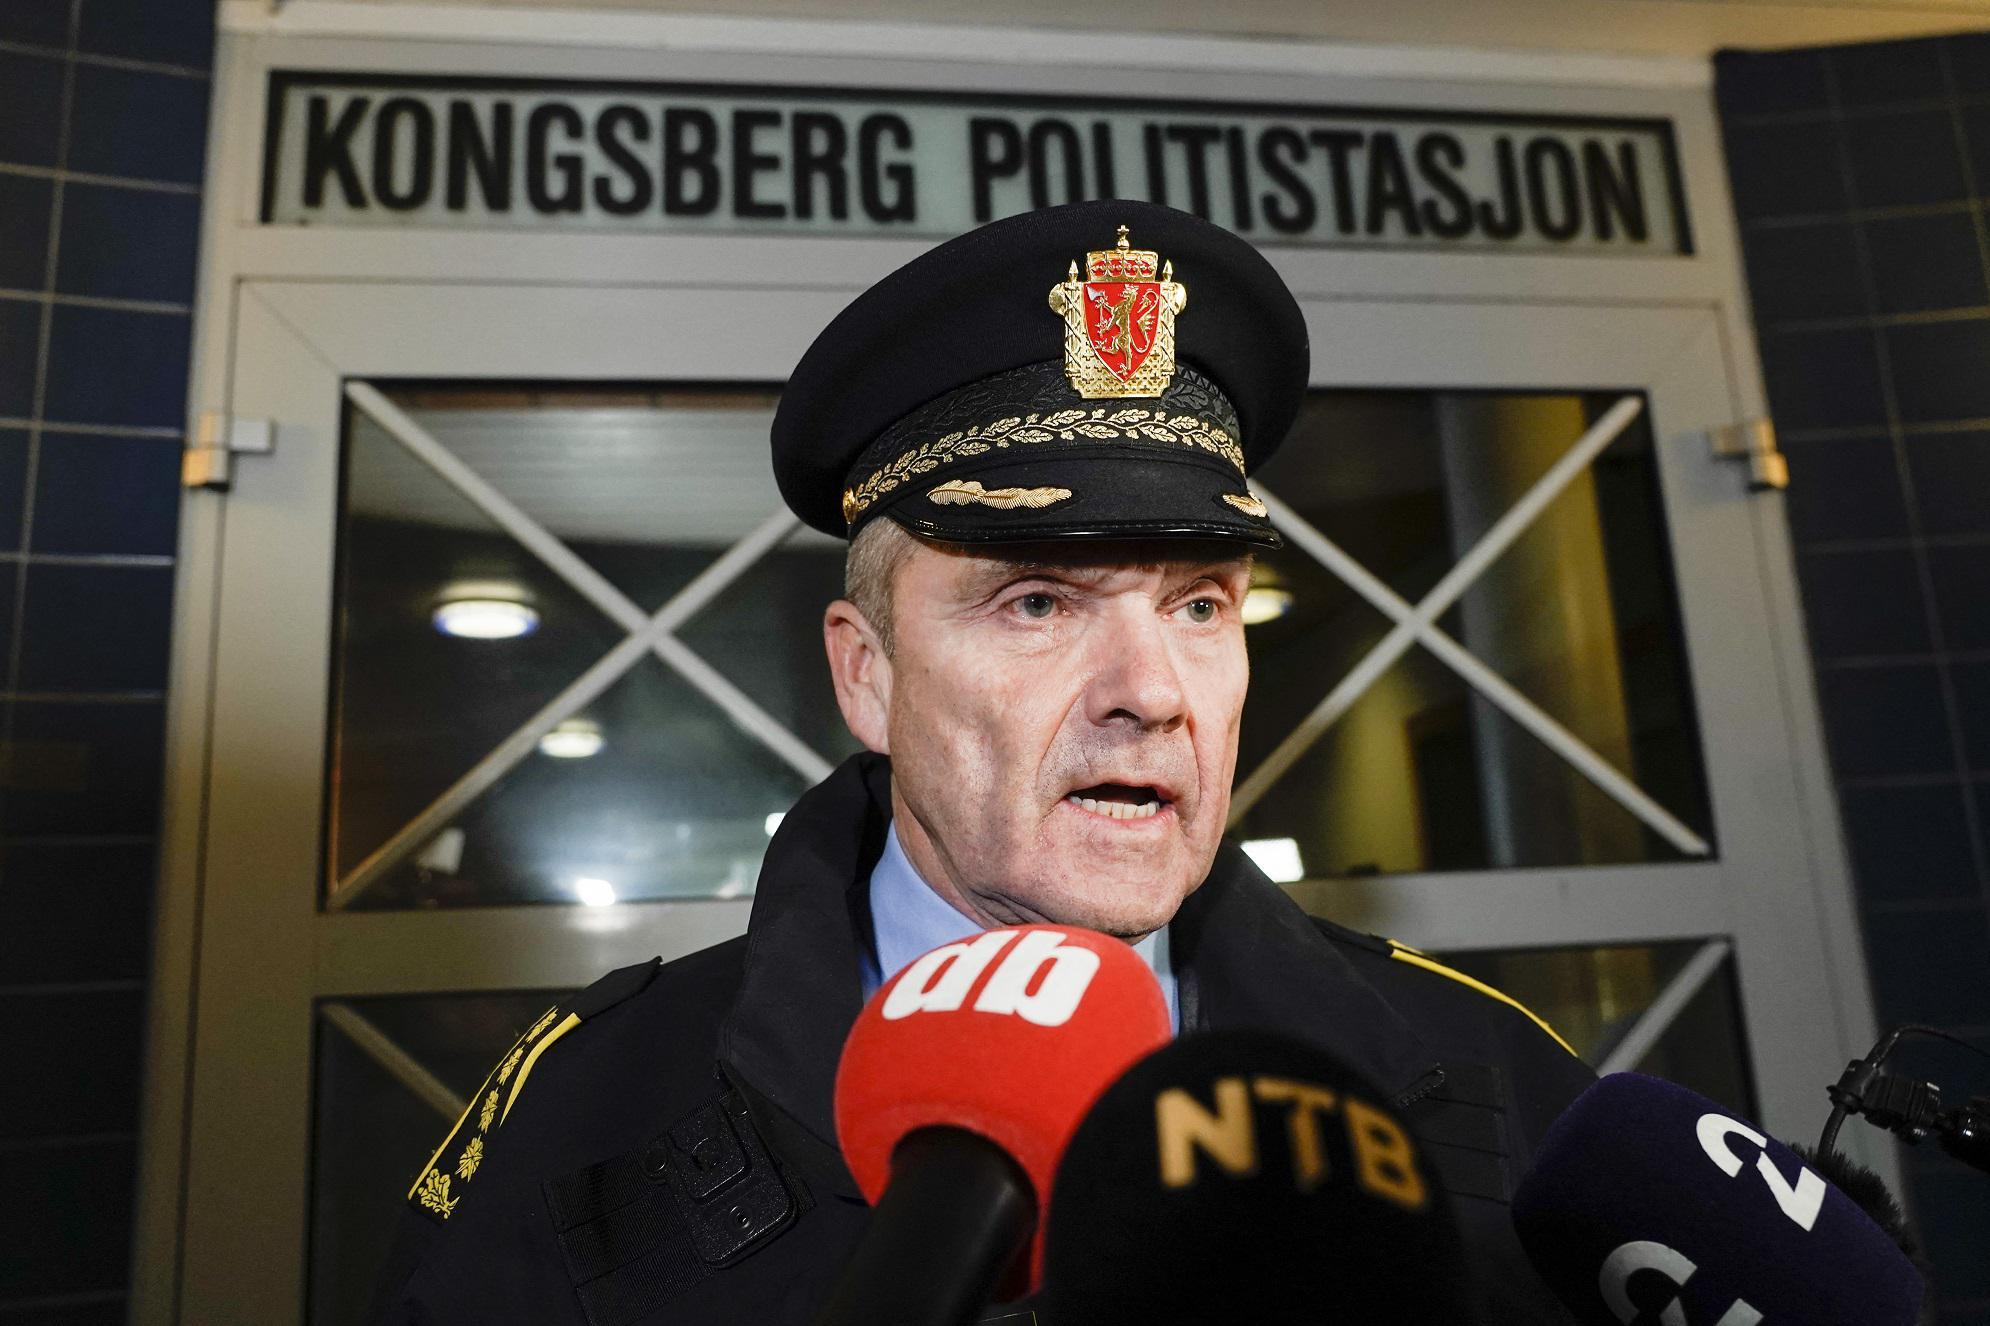 Norvegia, killer con arco e frecce di Kongsberg è 30enne danese